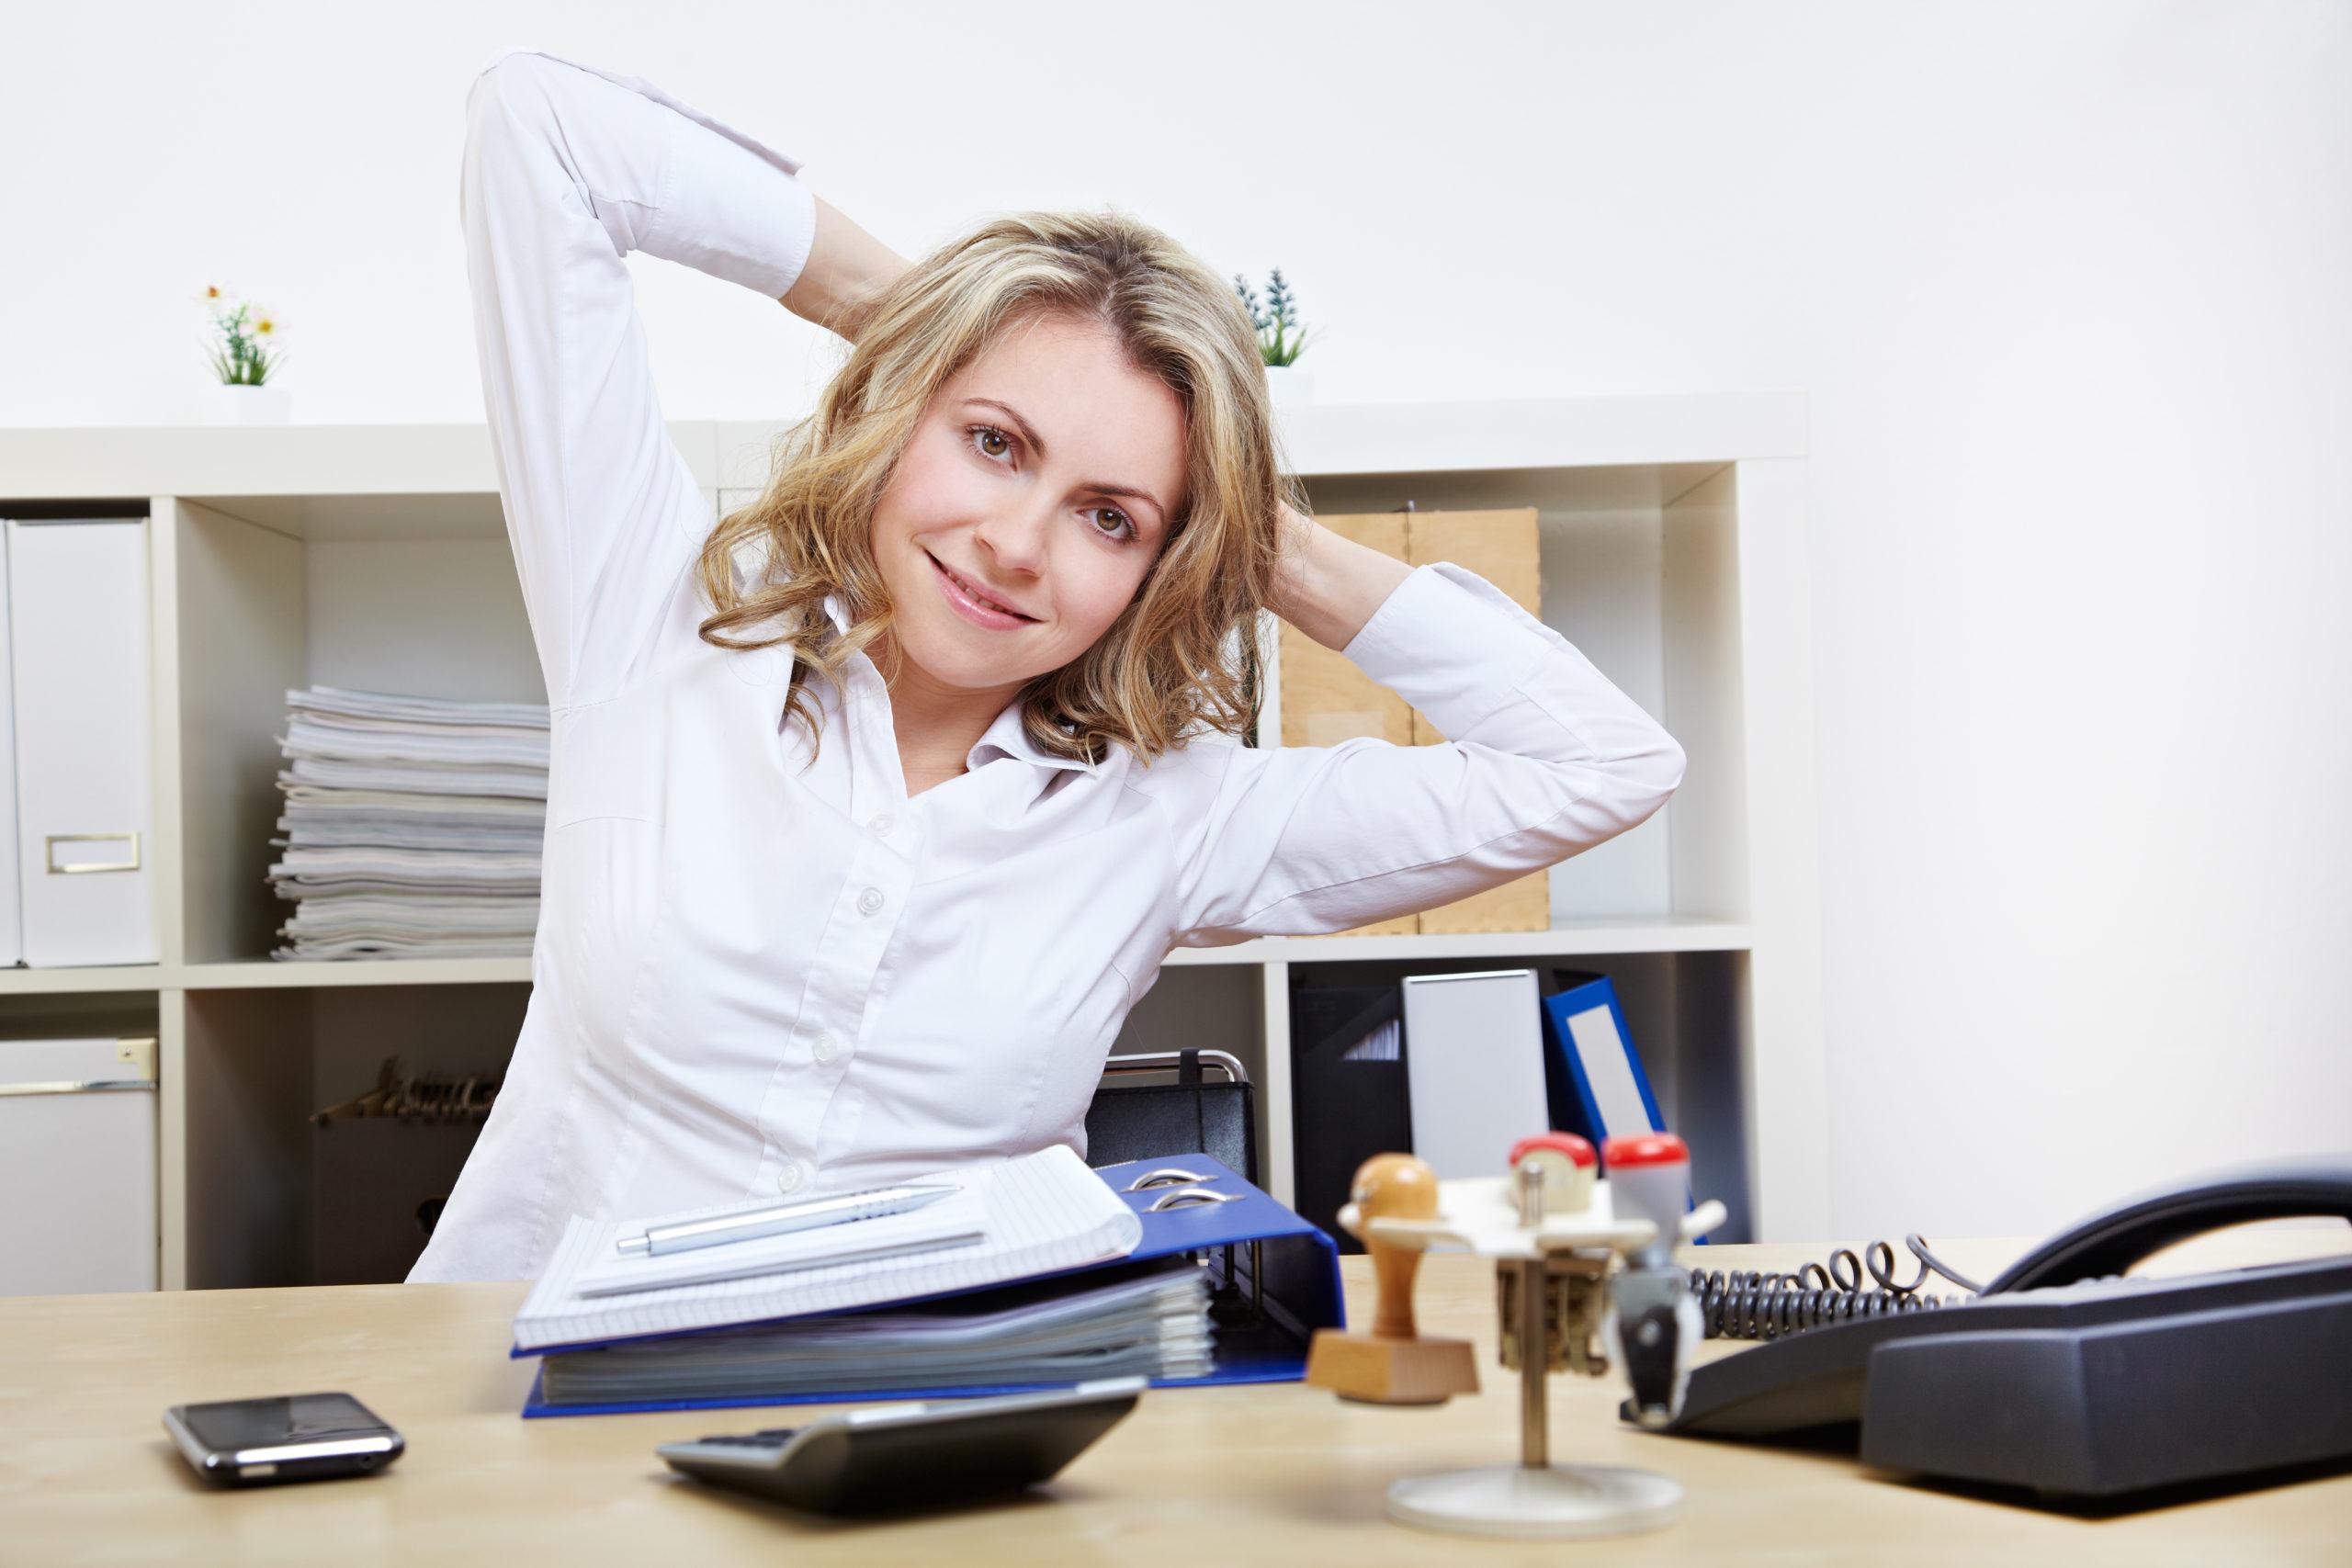 Rückenübungen fürs Büro – Mit wenig Aufwand Rückenschmerzen am Arbeitsplatz vermeiden